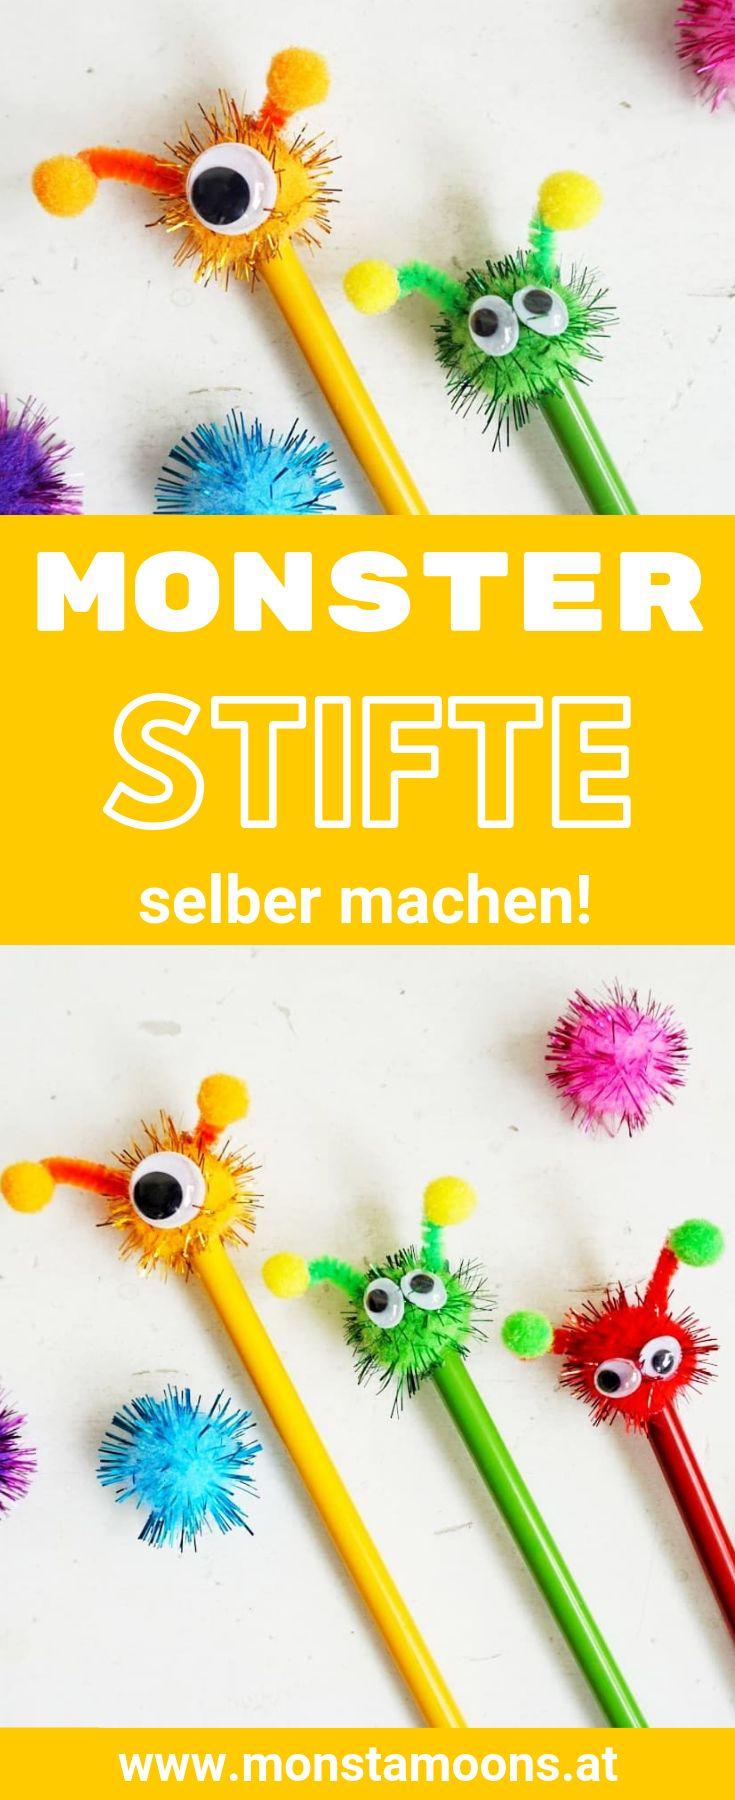 Pimpe deine Stifte – Monster/Alienstifte schnell selbst gemacht (enthält WERBUNG